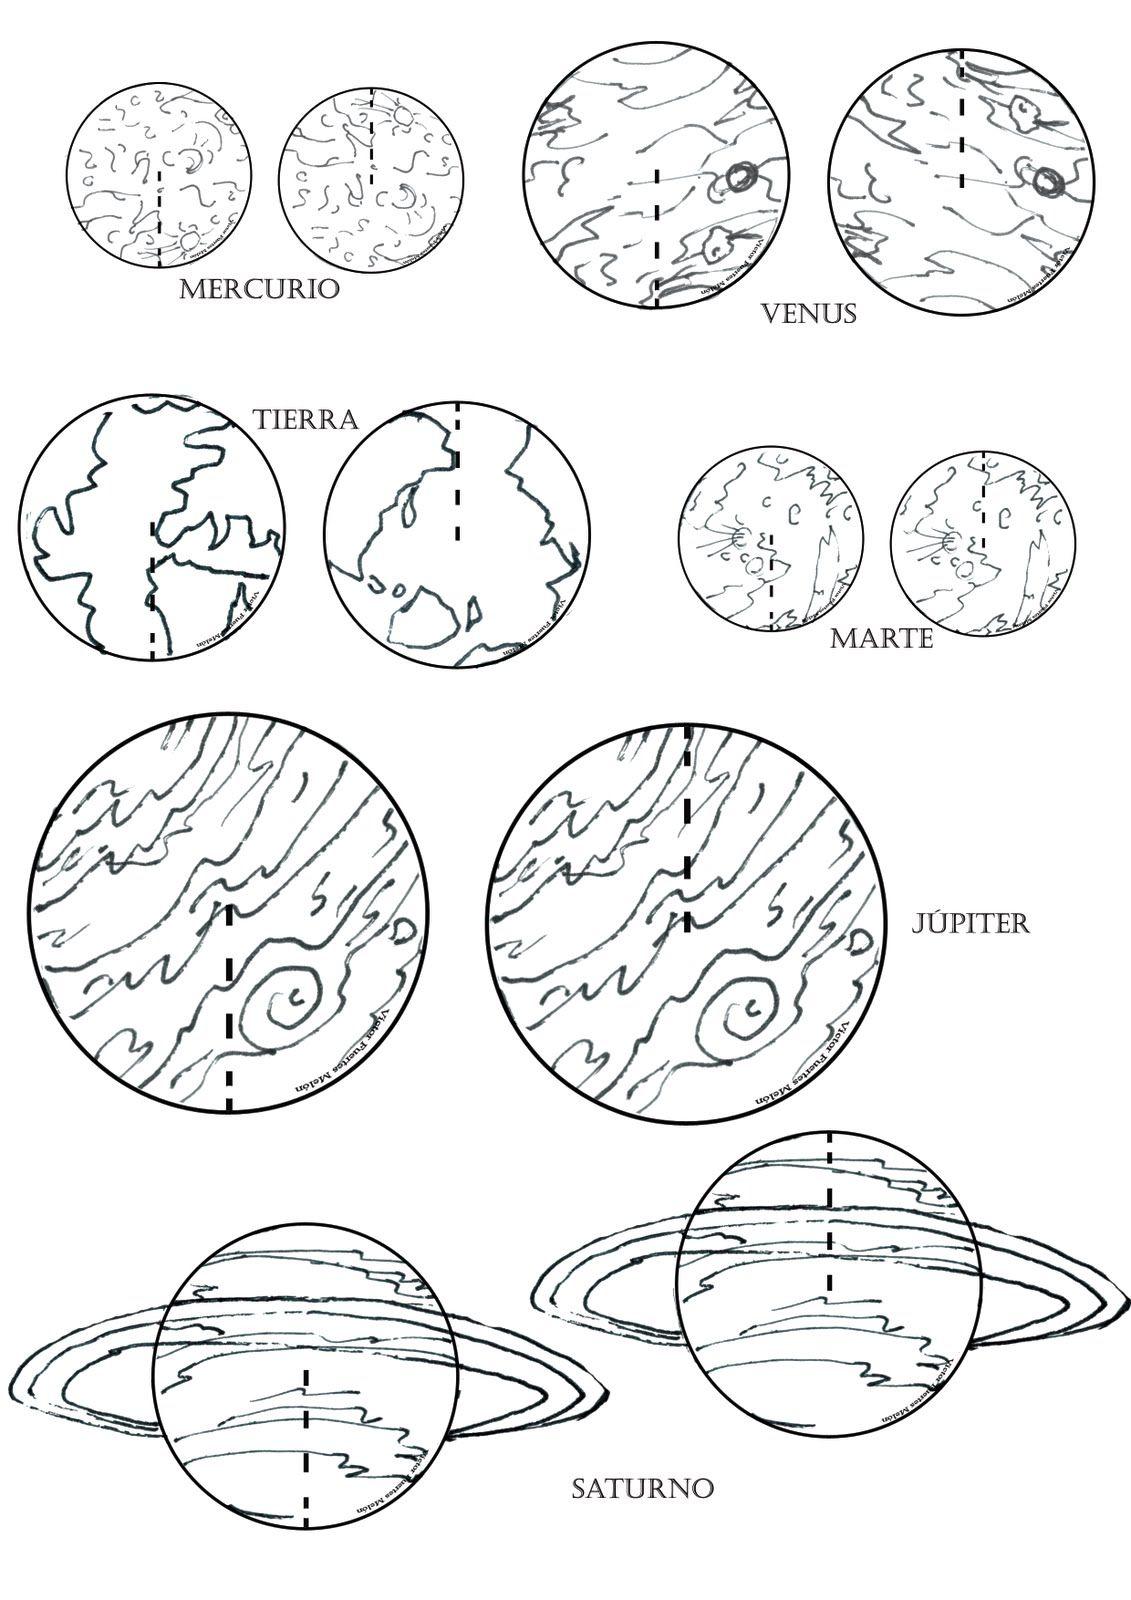 Los planetas del sistema solar para colorear - Nocturnar | proyecto ...